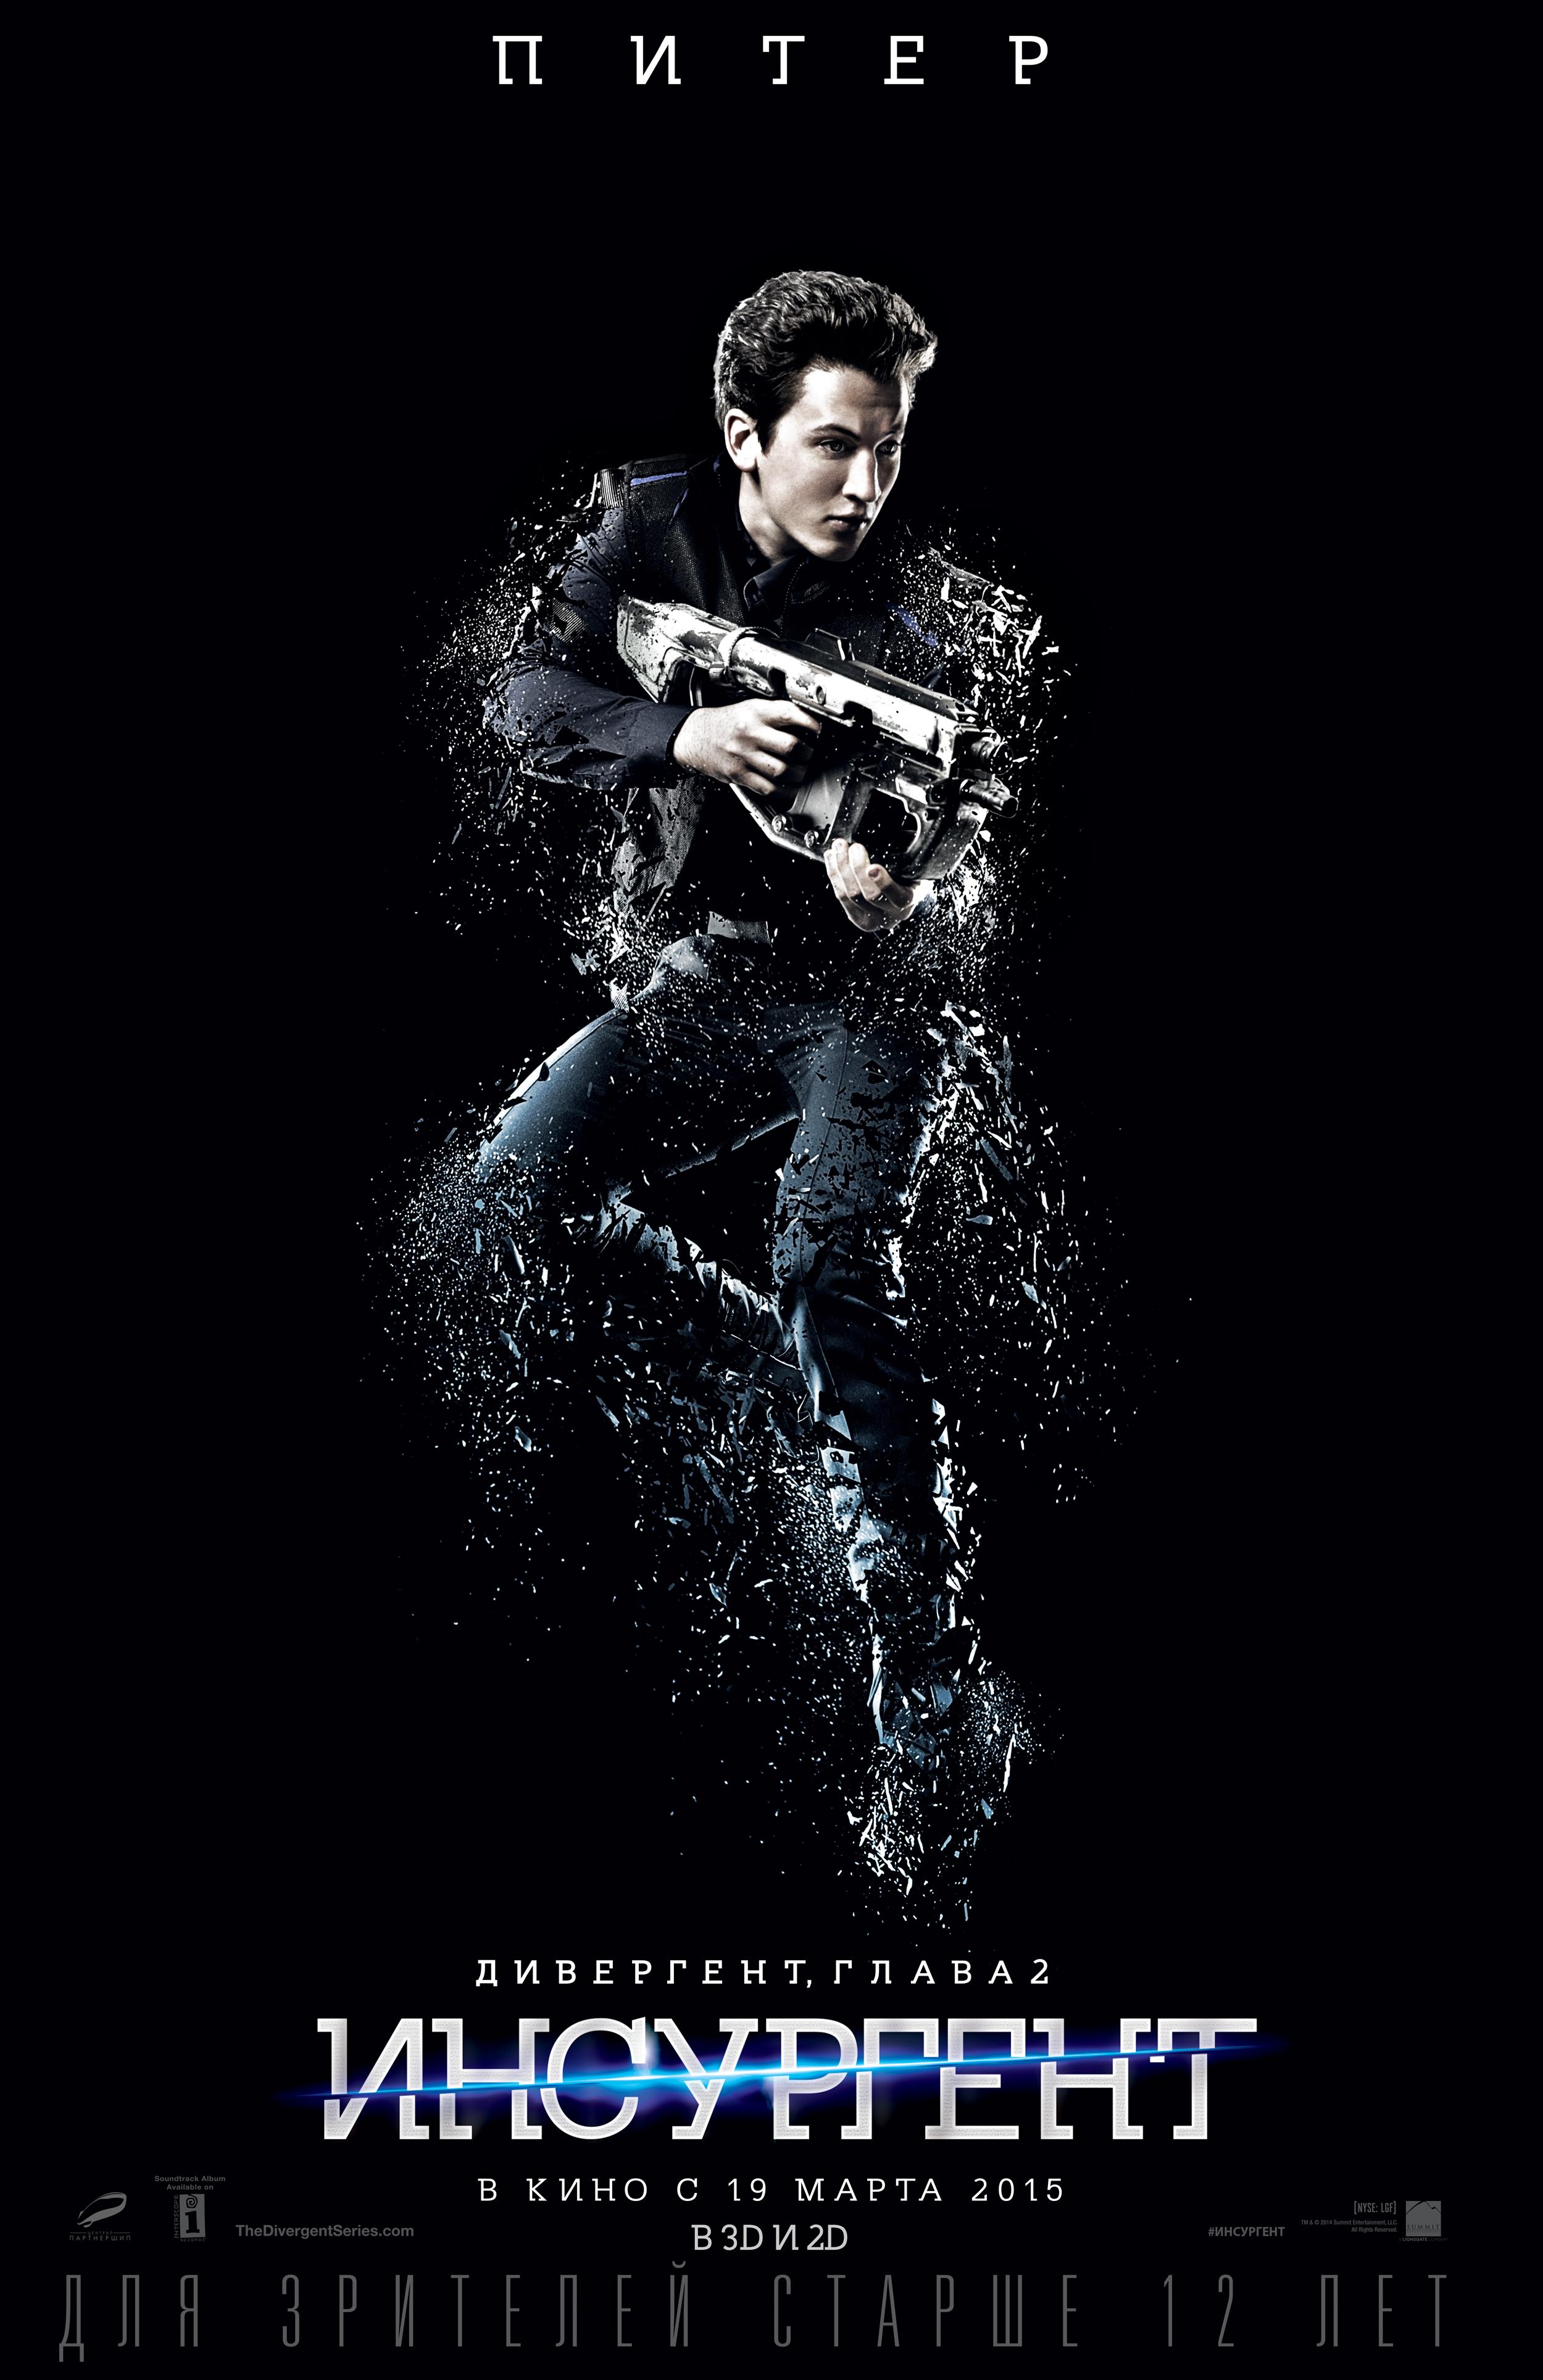 плакат фильма характер-постер локализованные Дивергент, глава 2: Инсургент